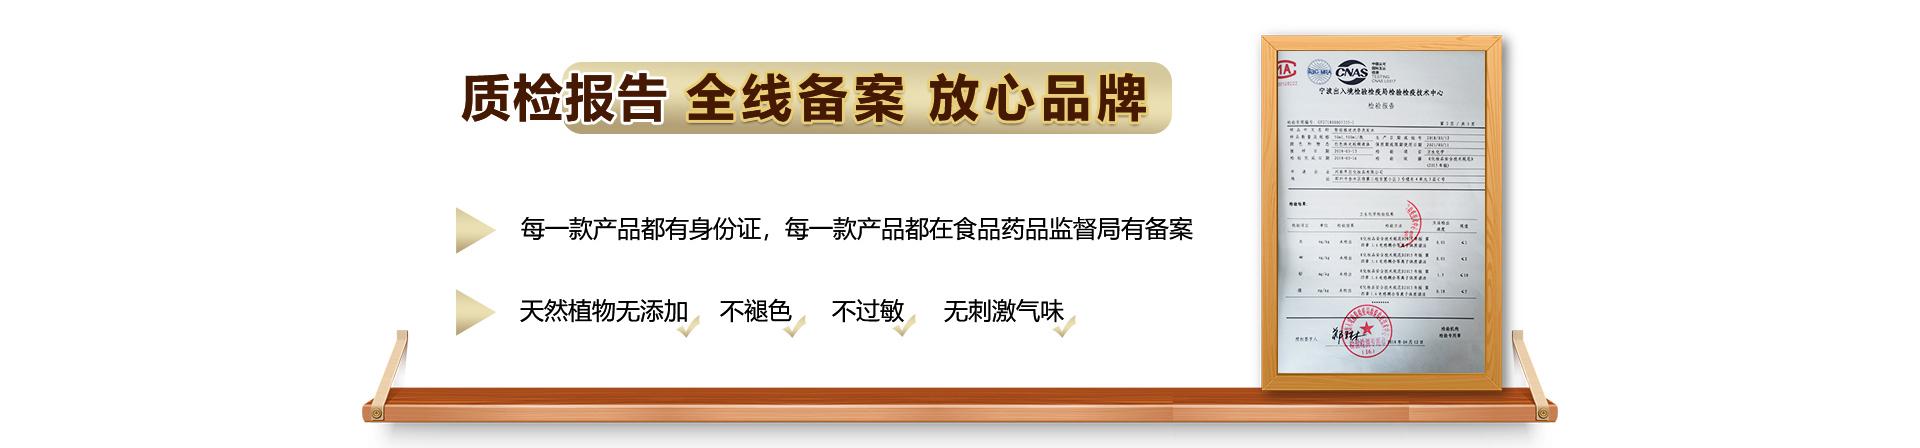 努丽雅植物养发馆nly_07